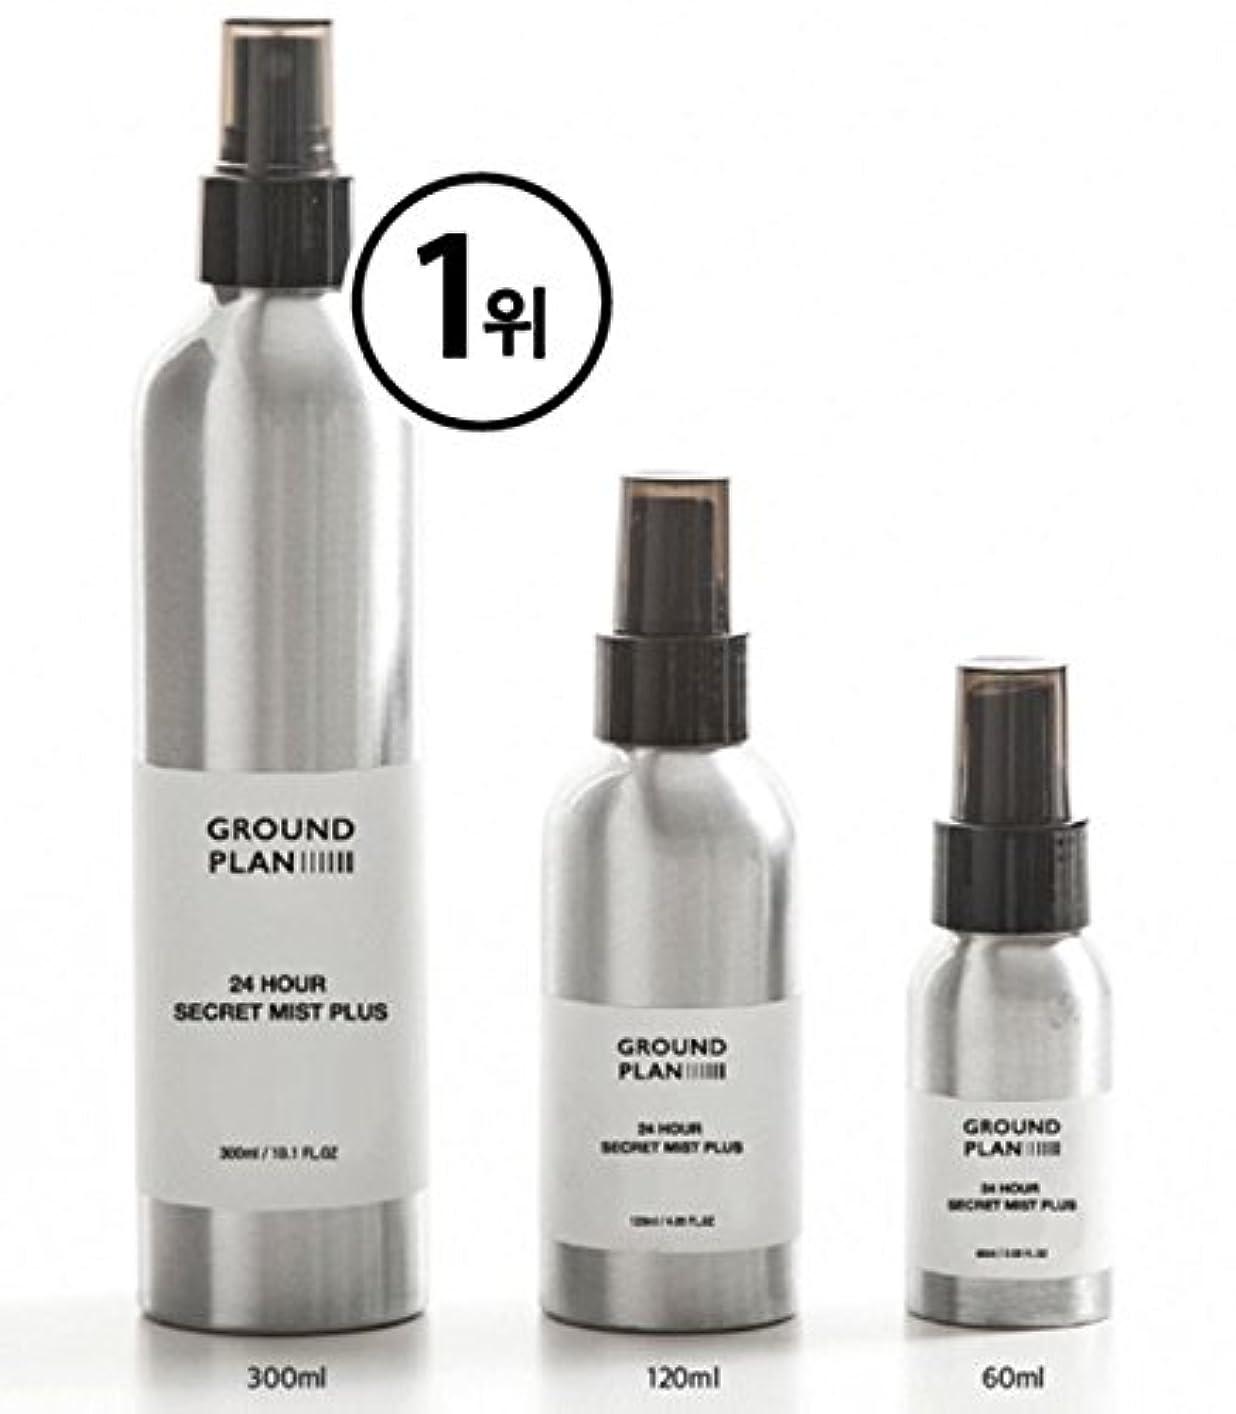 積分専制キロメートル[グラウンド?プラン] 24Hour 秘密 スキンミスト Plus (120ml) (300ml) Ground plan 24 Hour Secret Skin Mist Plus [海外直送品] (120ml)